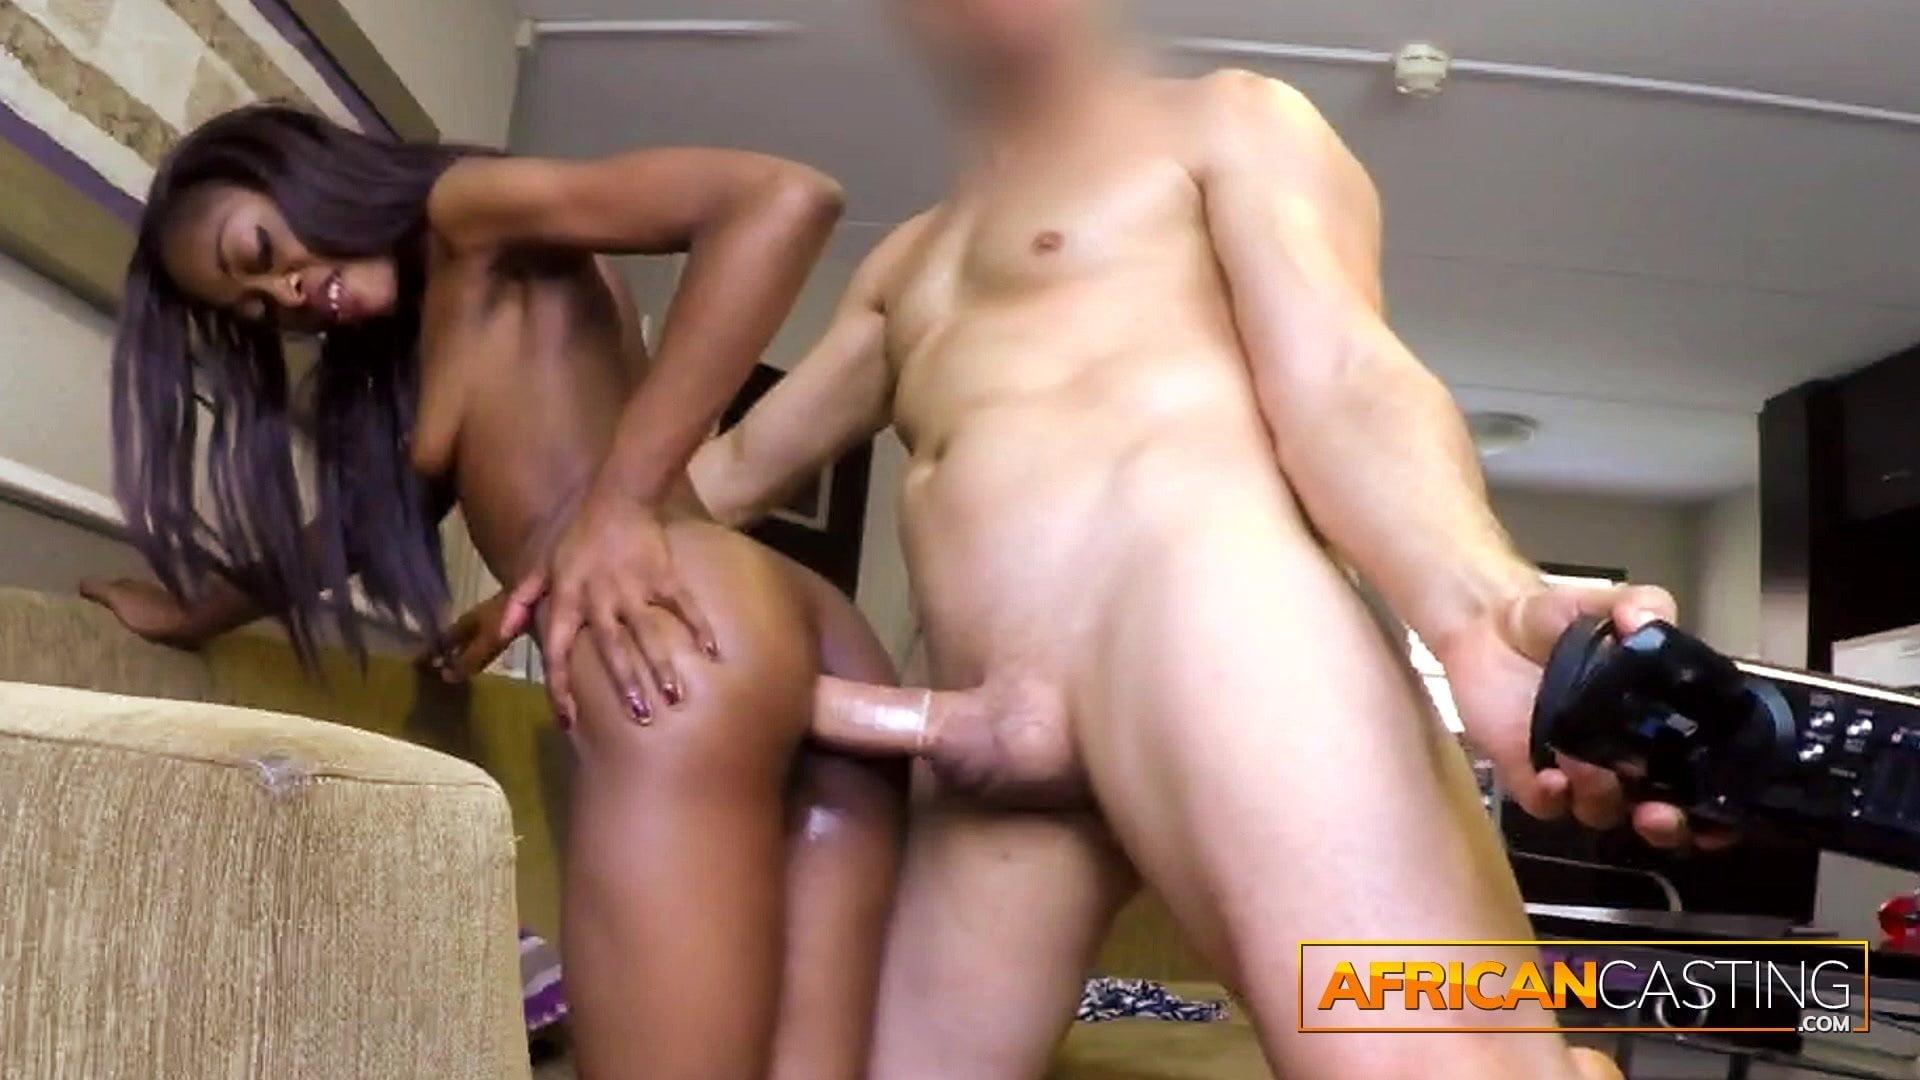 Sex Mit Afrikanern